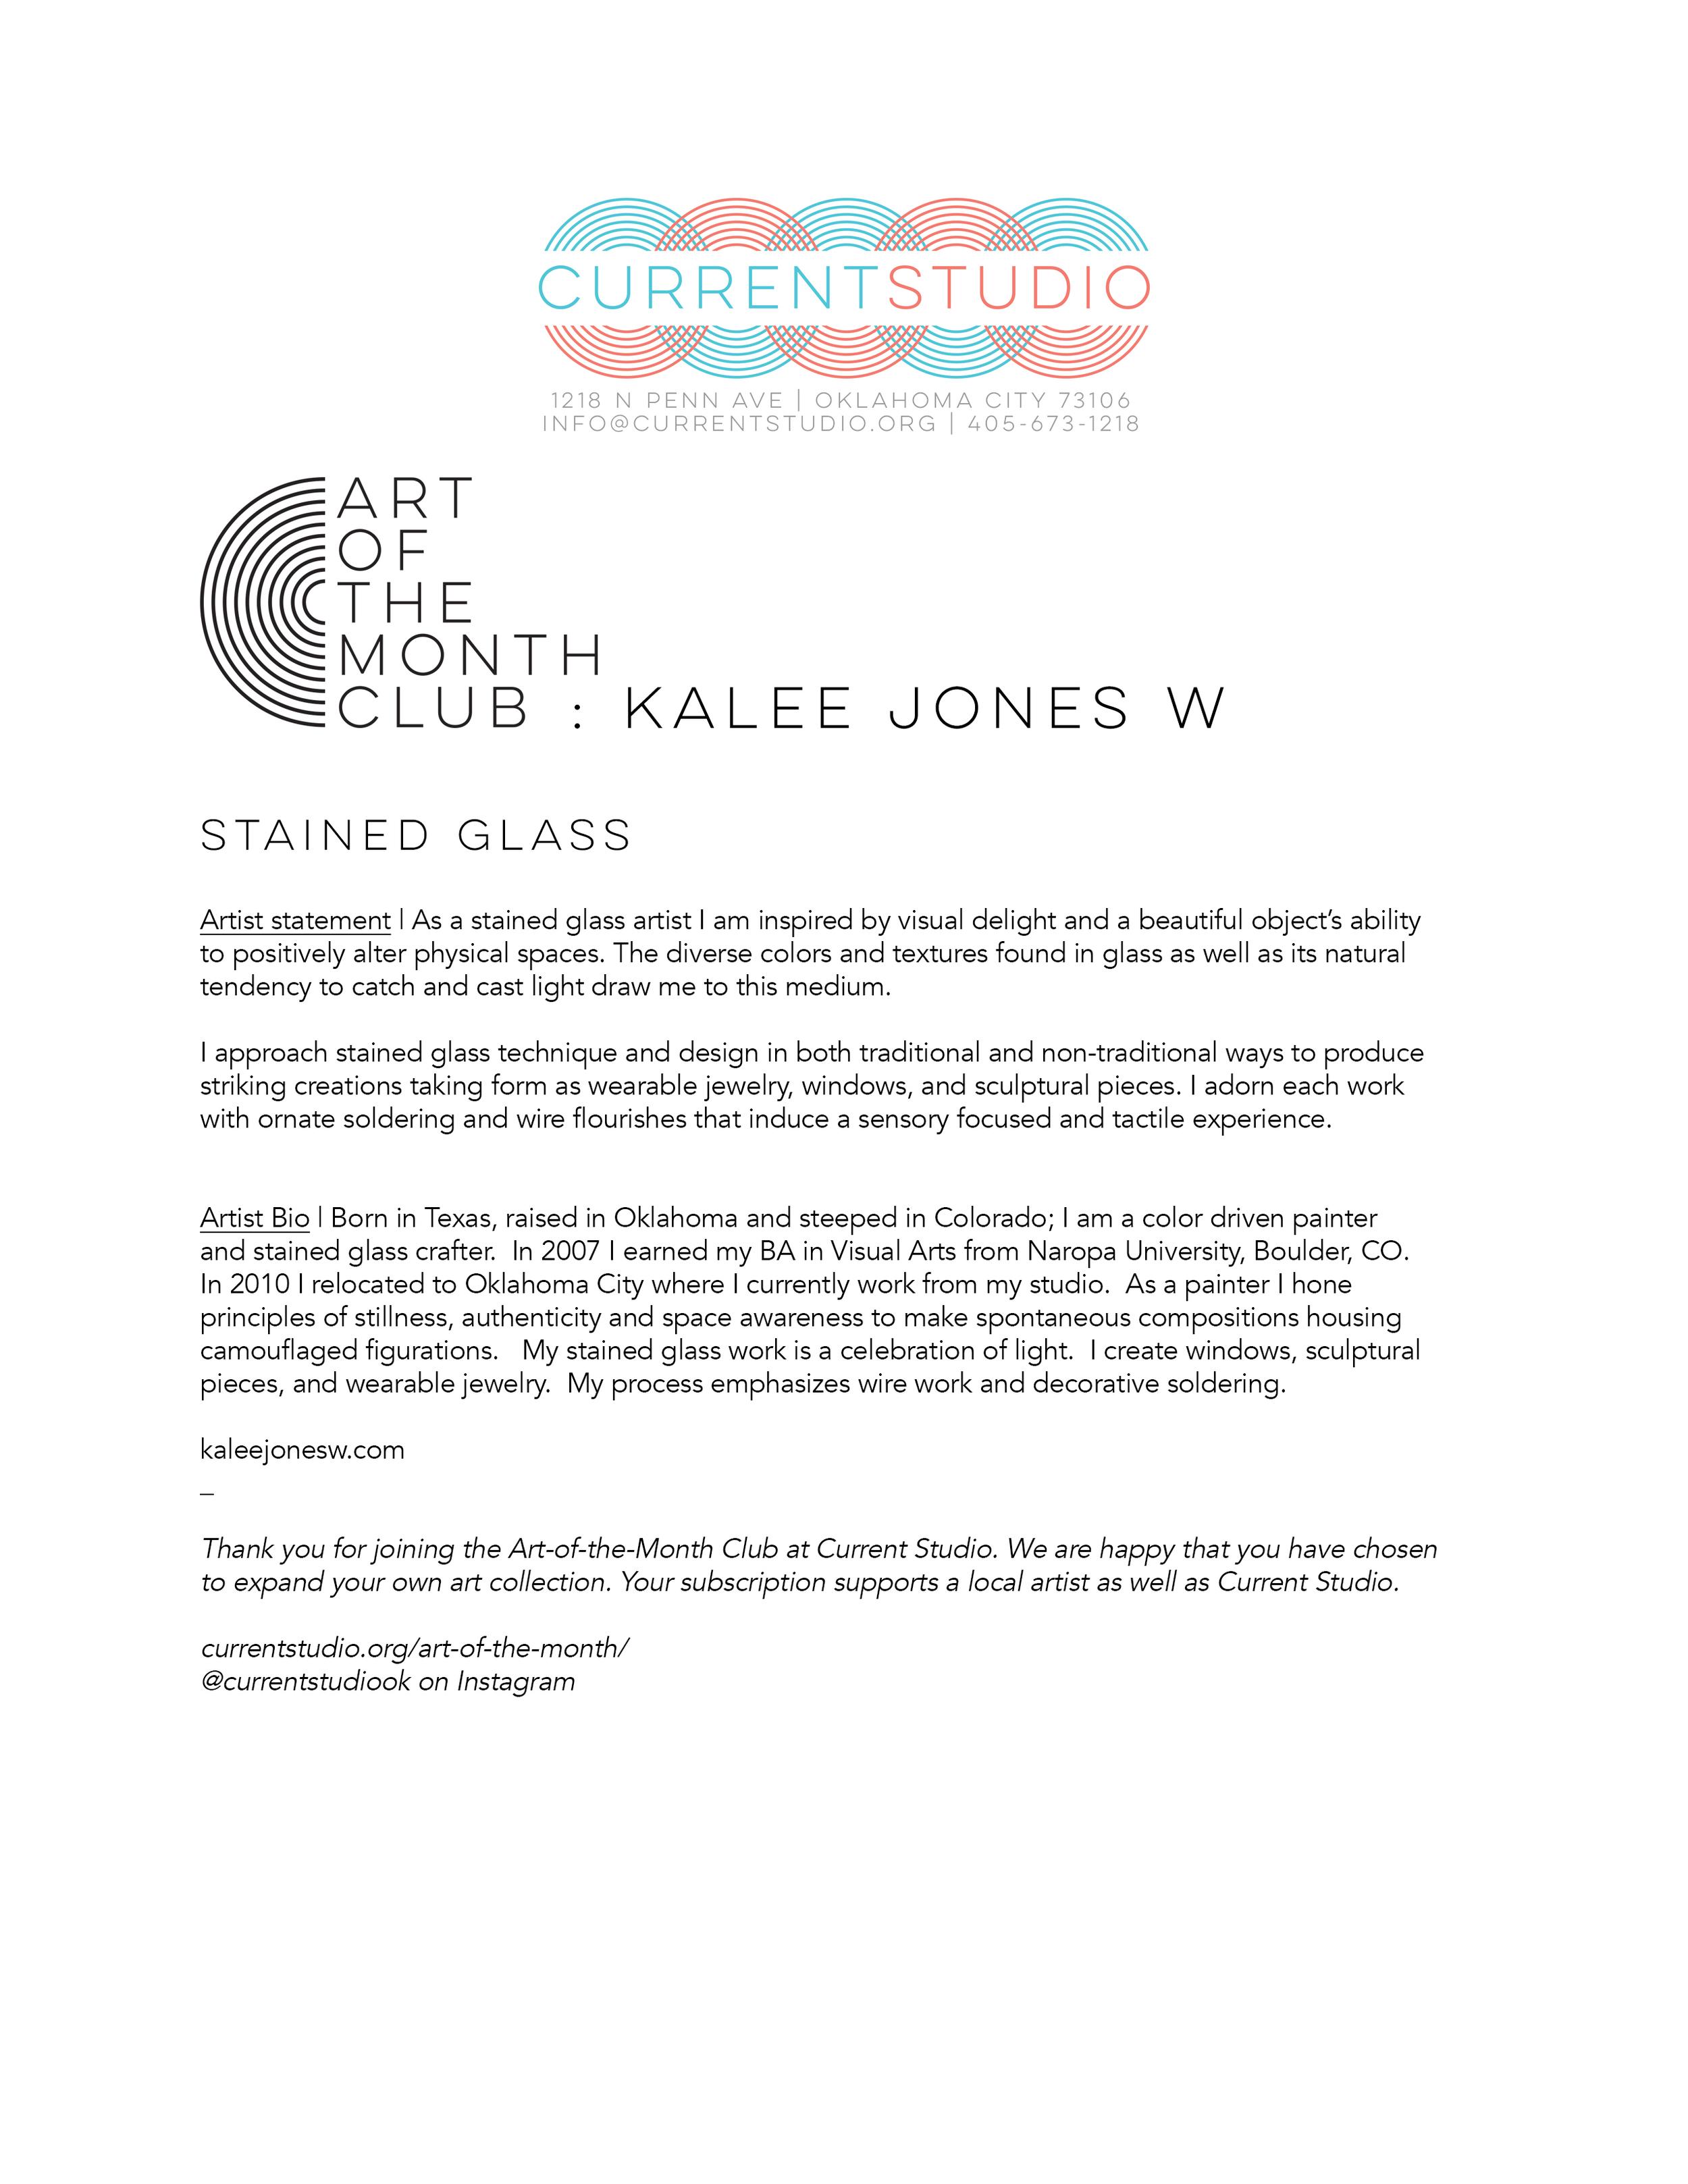 art of the month artist sheet - kalee jones w.jpg